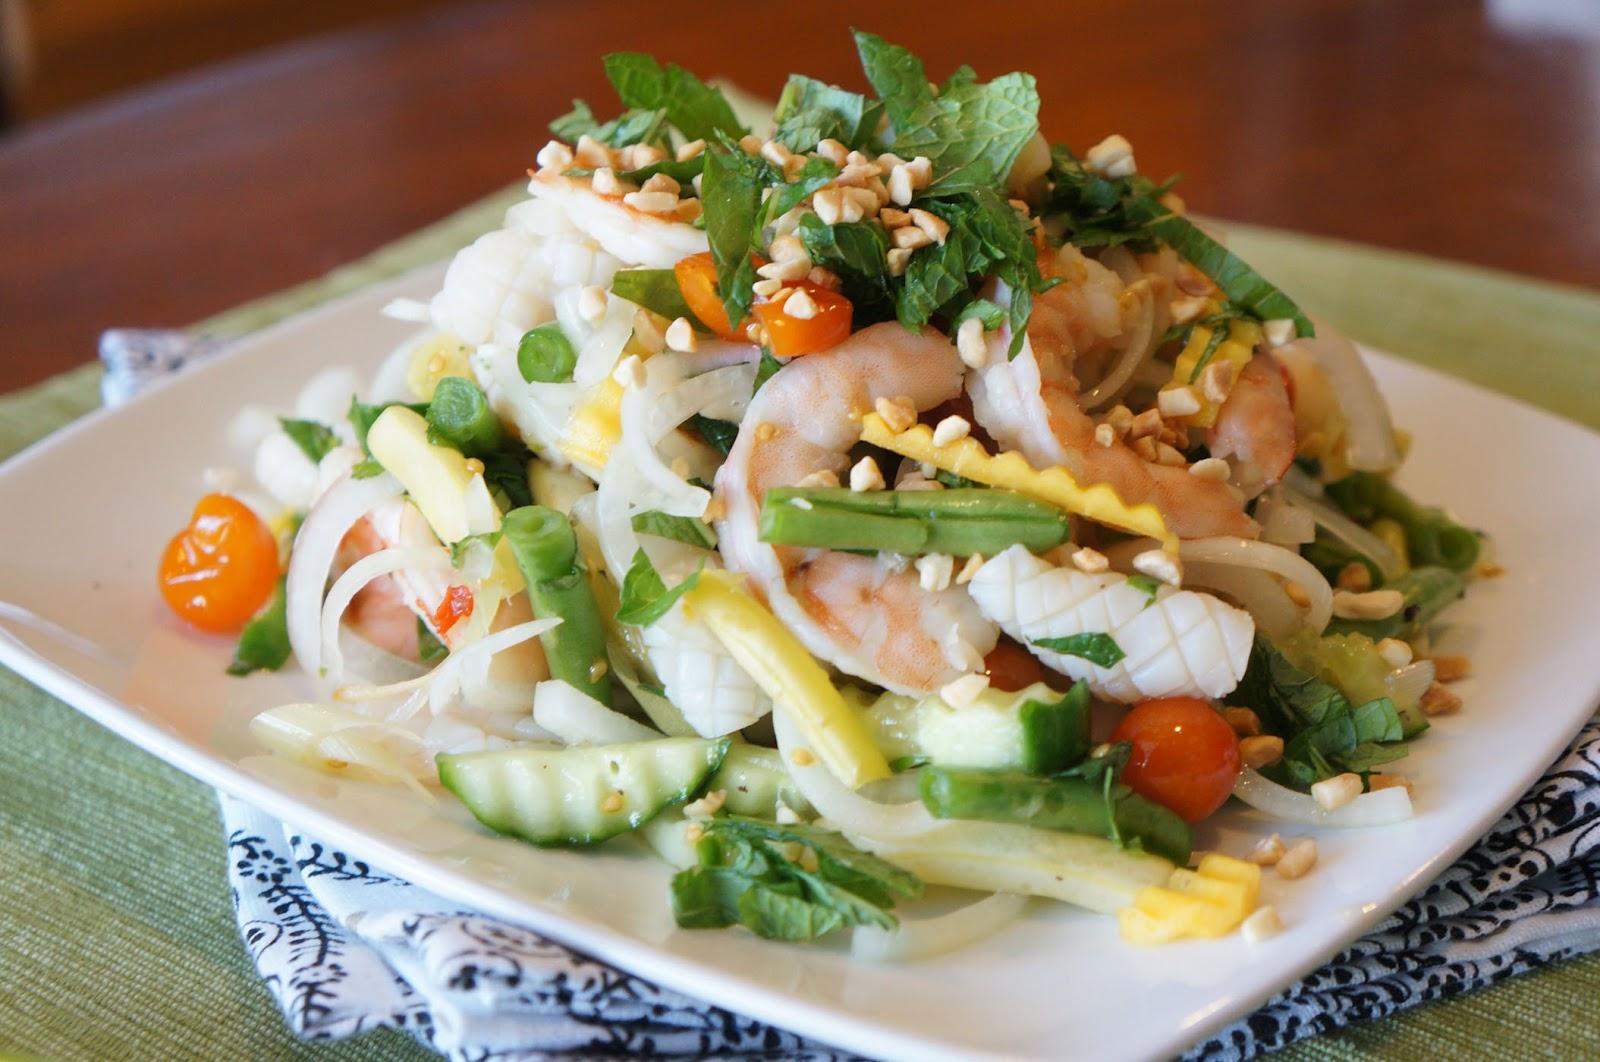 вкусные салаты с рыбой рецепты с фото Салаты с рыбой и морепродуктами – Рецепты салатов с фото.